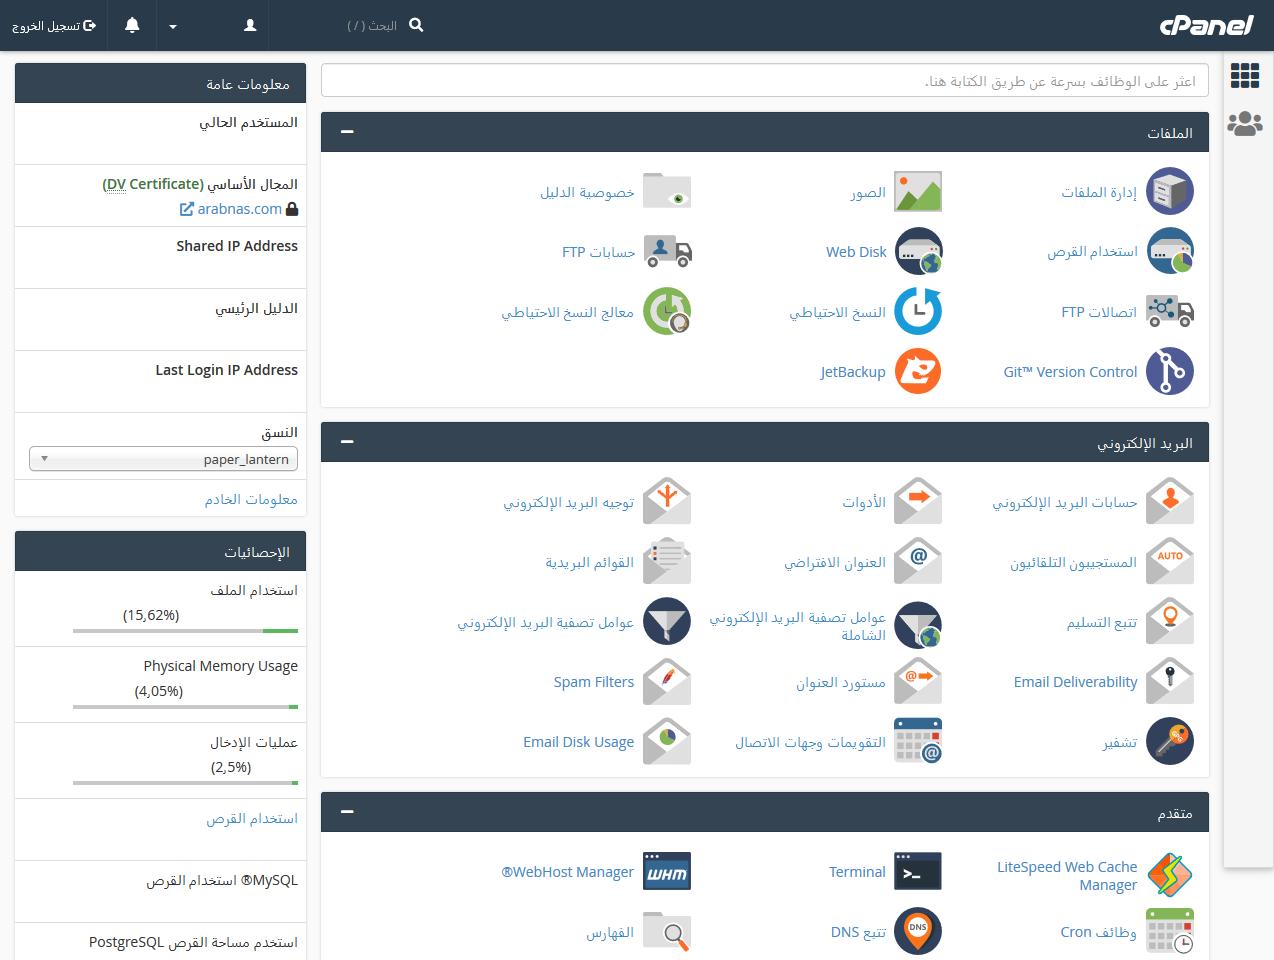 شركة استضافة وتصميم مواقع مع لوحة تحكم عربية cPanel Arabic Hosting